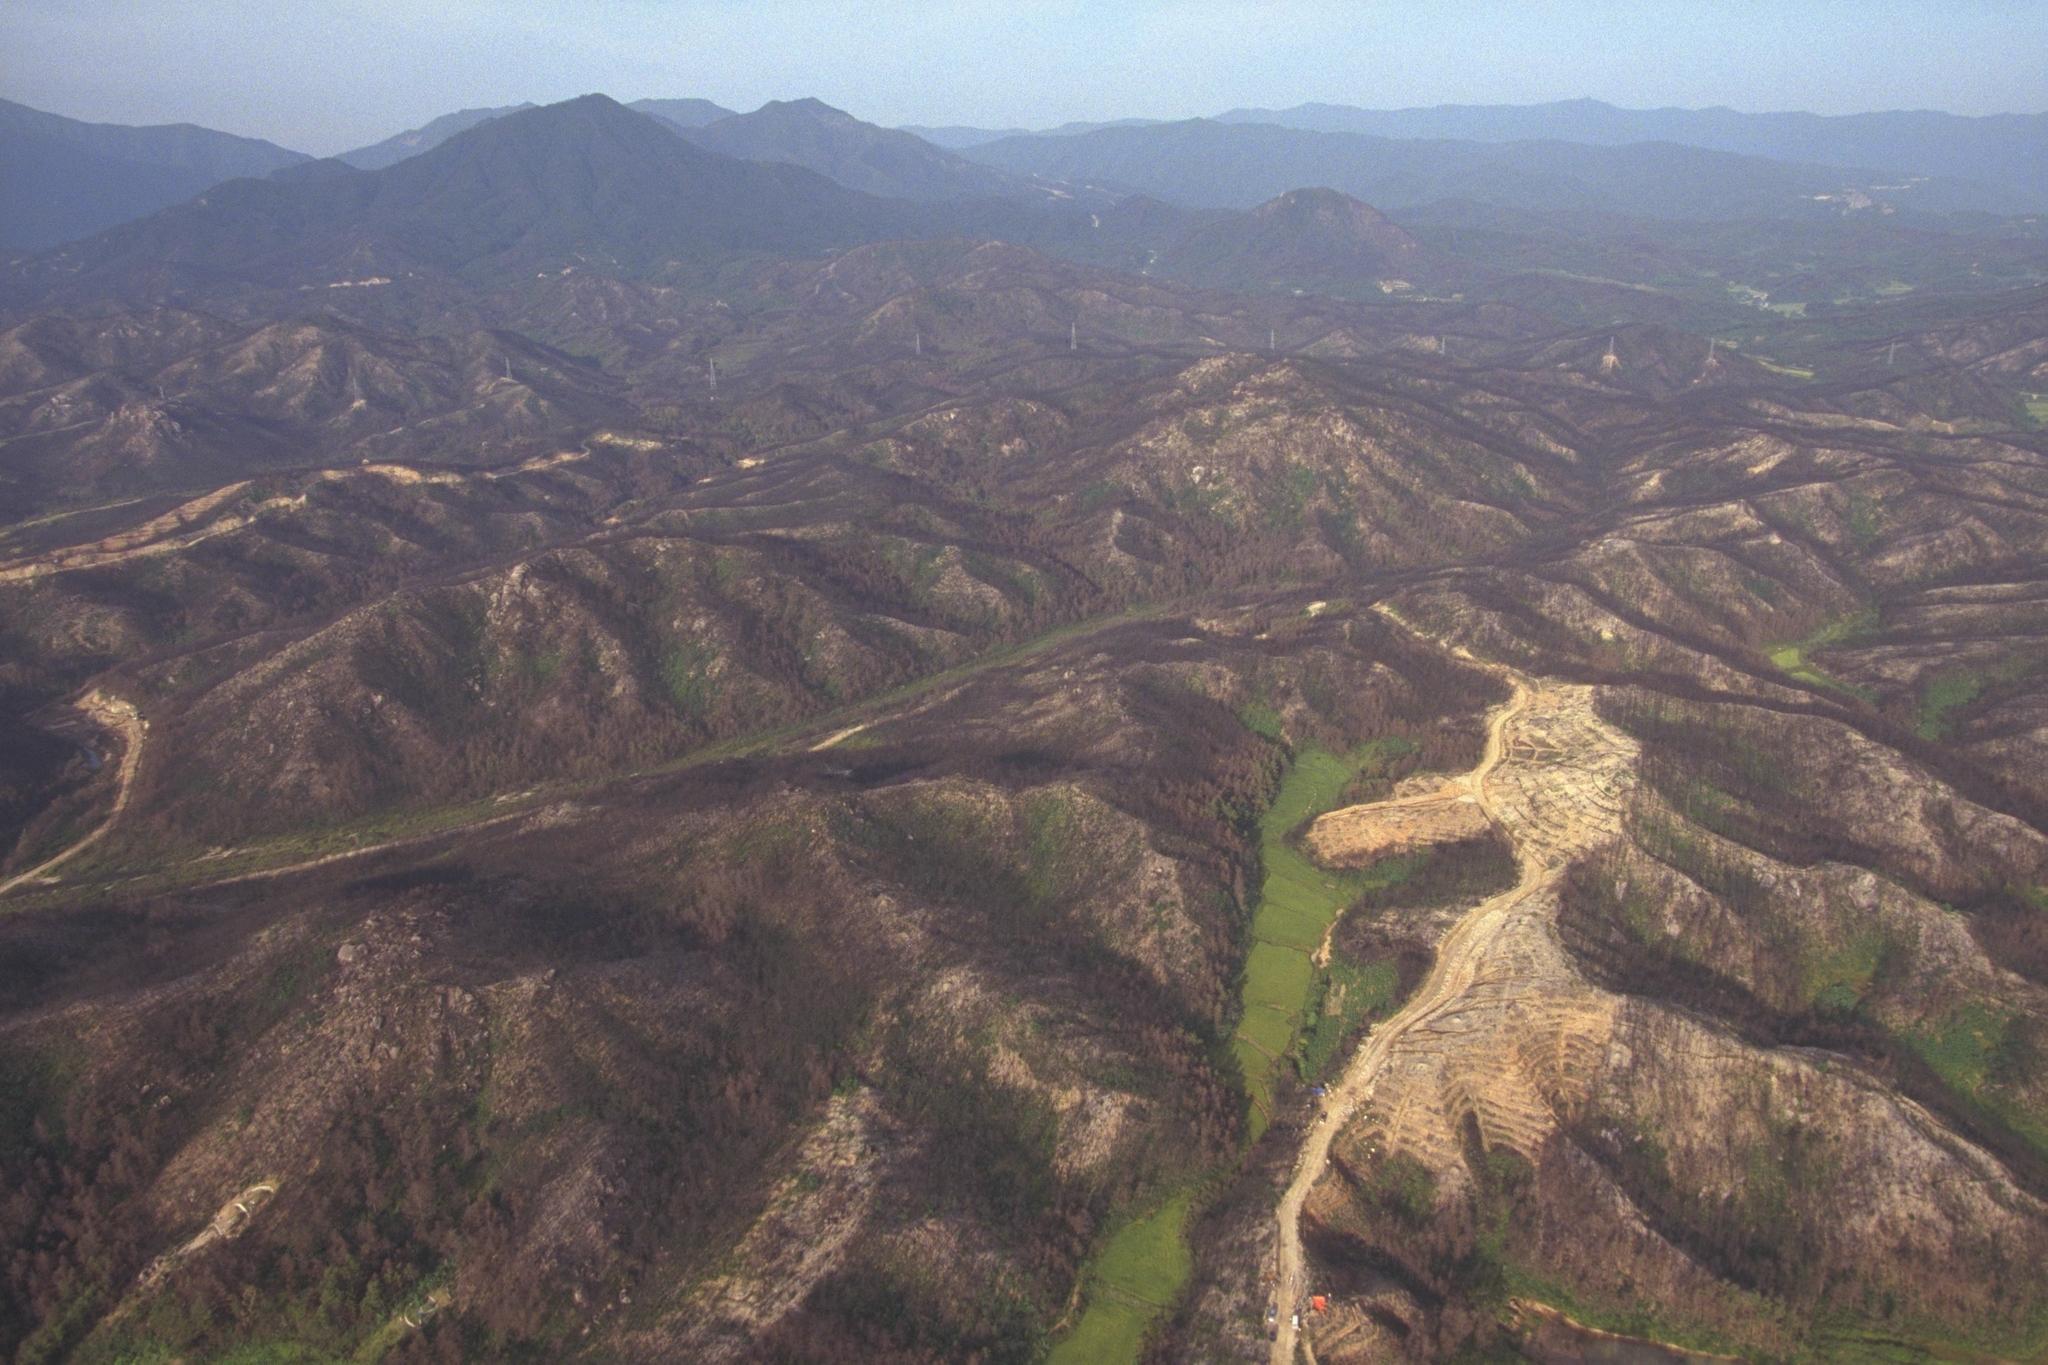 1996년 강원도 고성지역에 발생한 산불 피해 지역 [중앙포토]